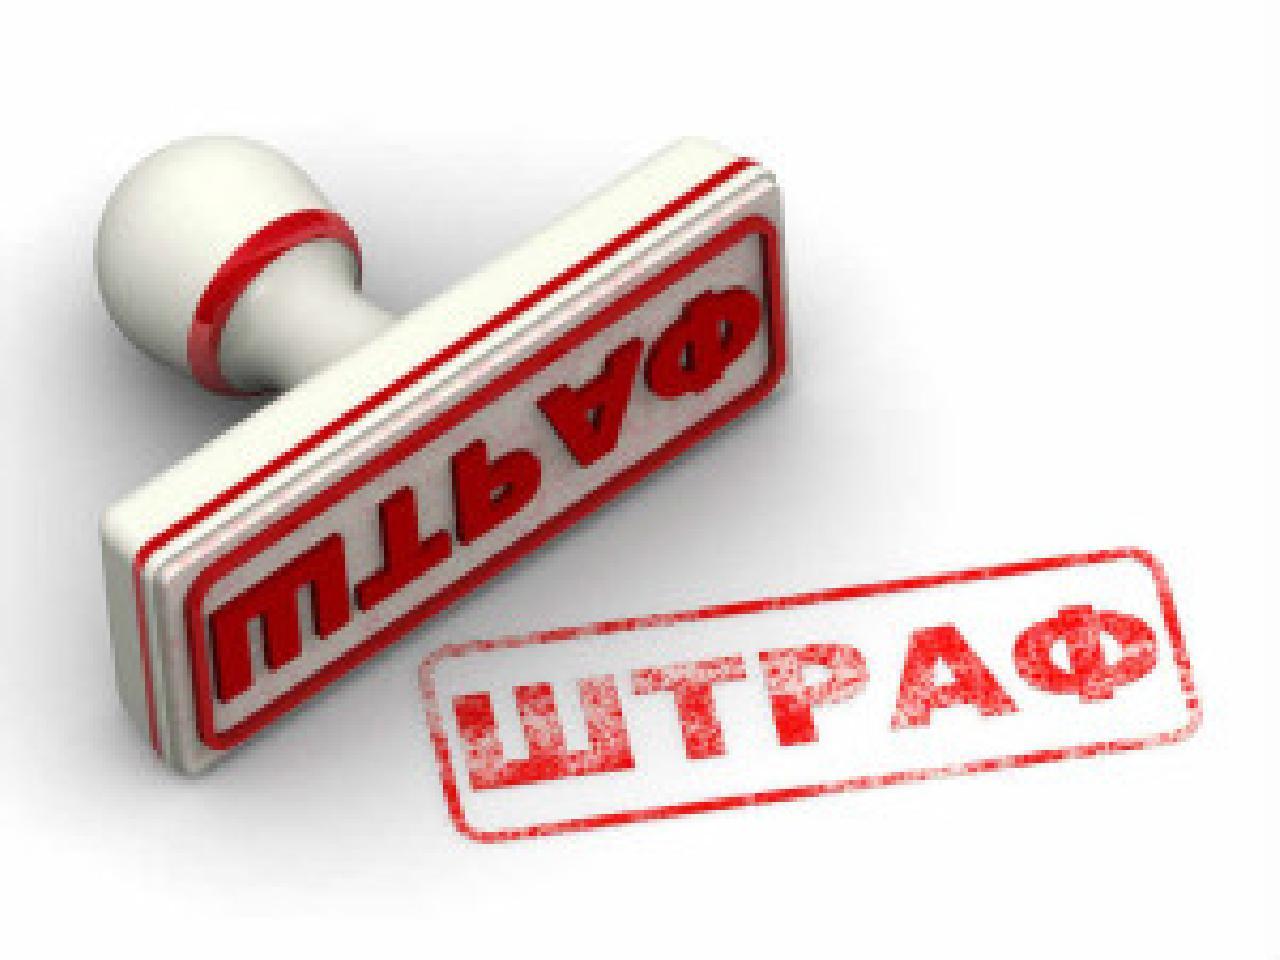 Административная ответственность за непредставление информации органам службы занятости